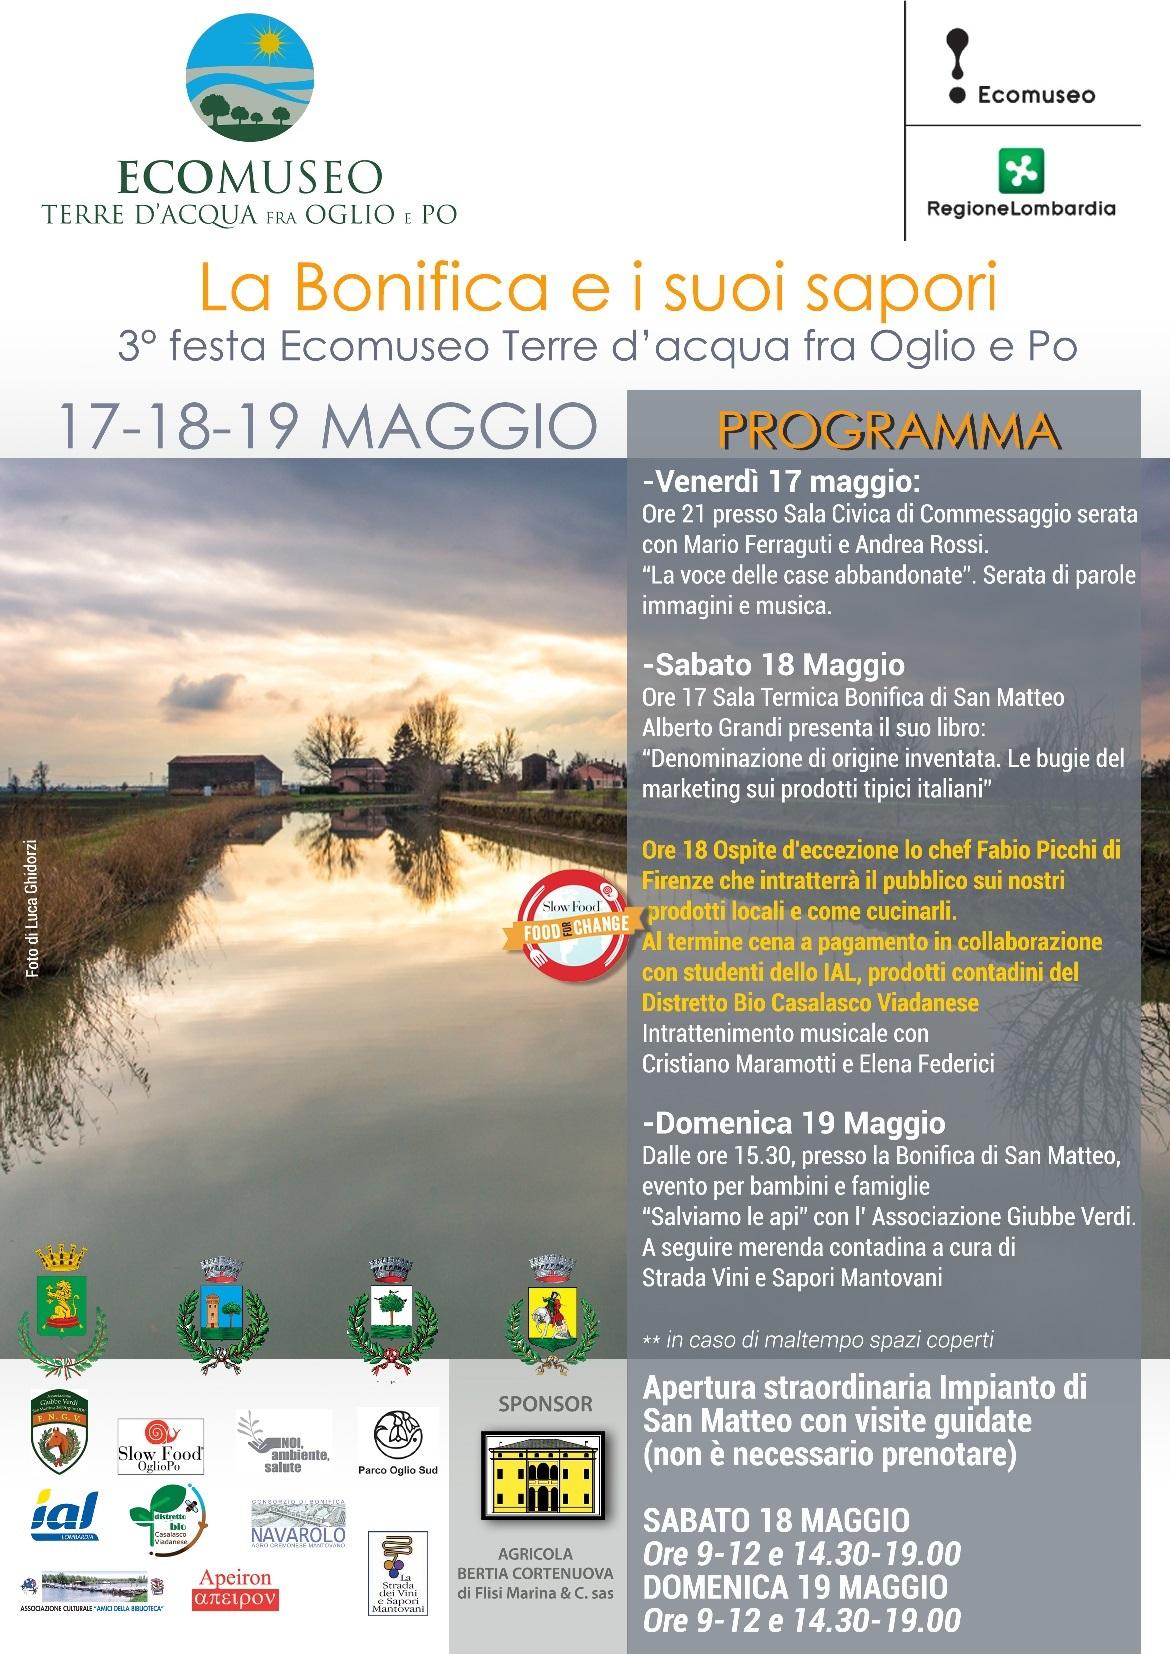 17/05/2019 - LA BONIFICA E I SUOI SAPORI - 3° FESTA ECOMUSEO TERRE D  ACQUA FRA OGLIO E PO